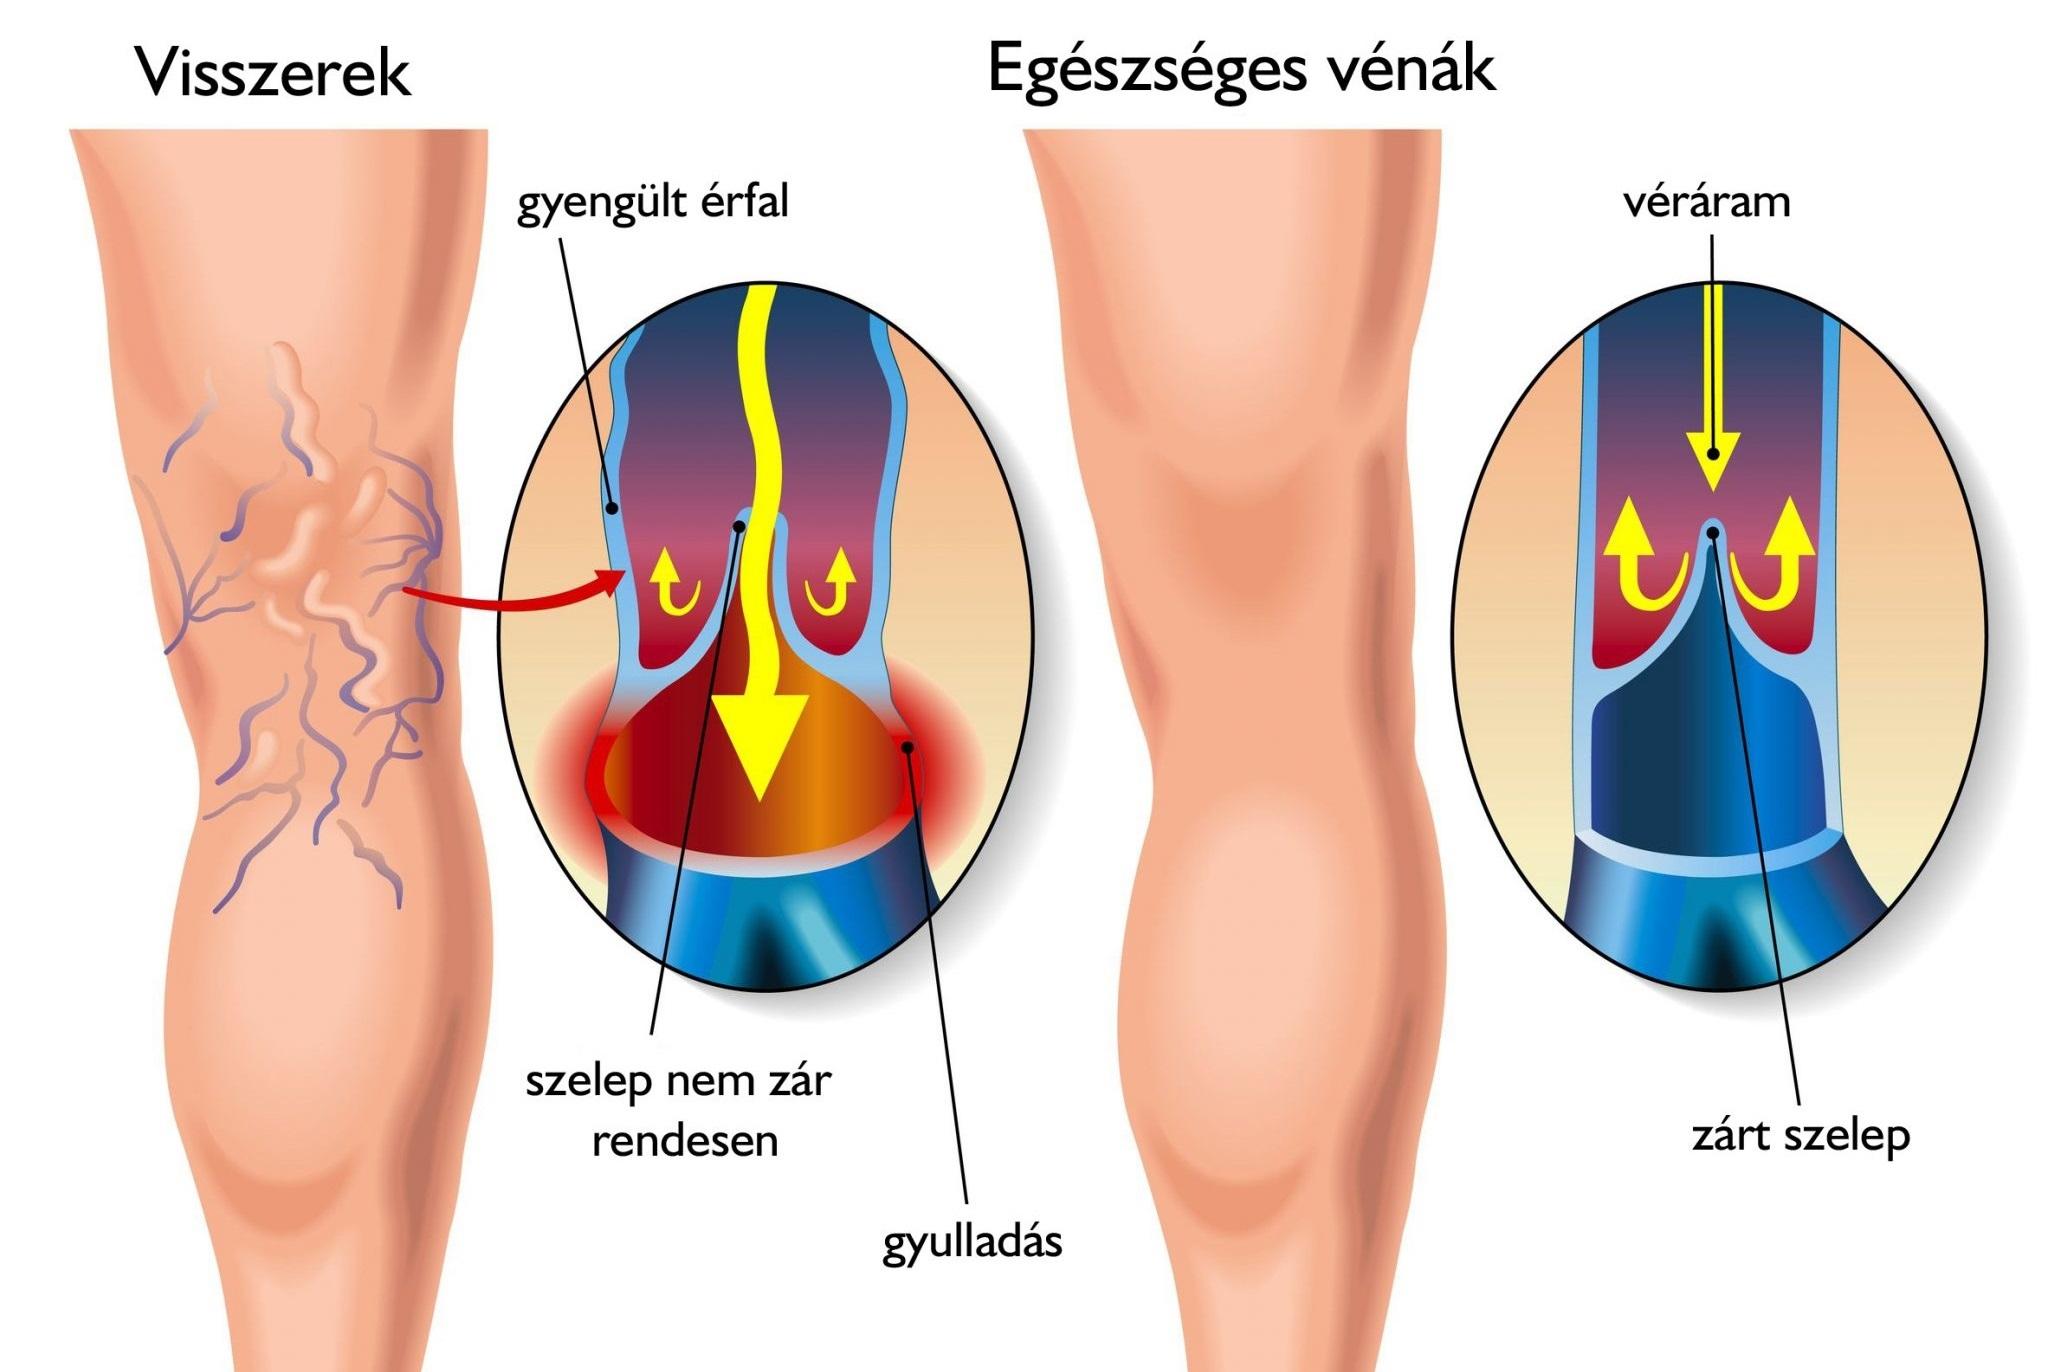 Kompressziós fehérnemű visszeres lábakra - A kismedence visszérit kezeljük